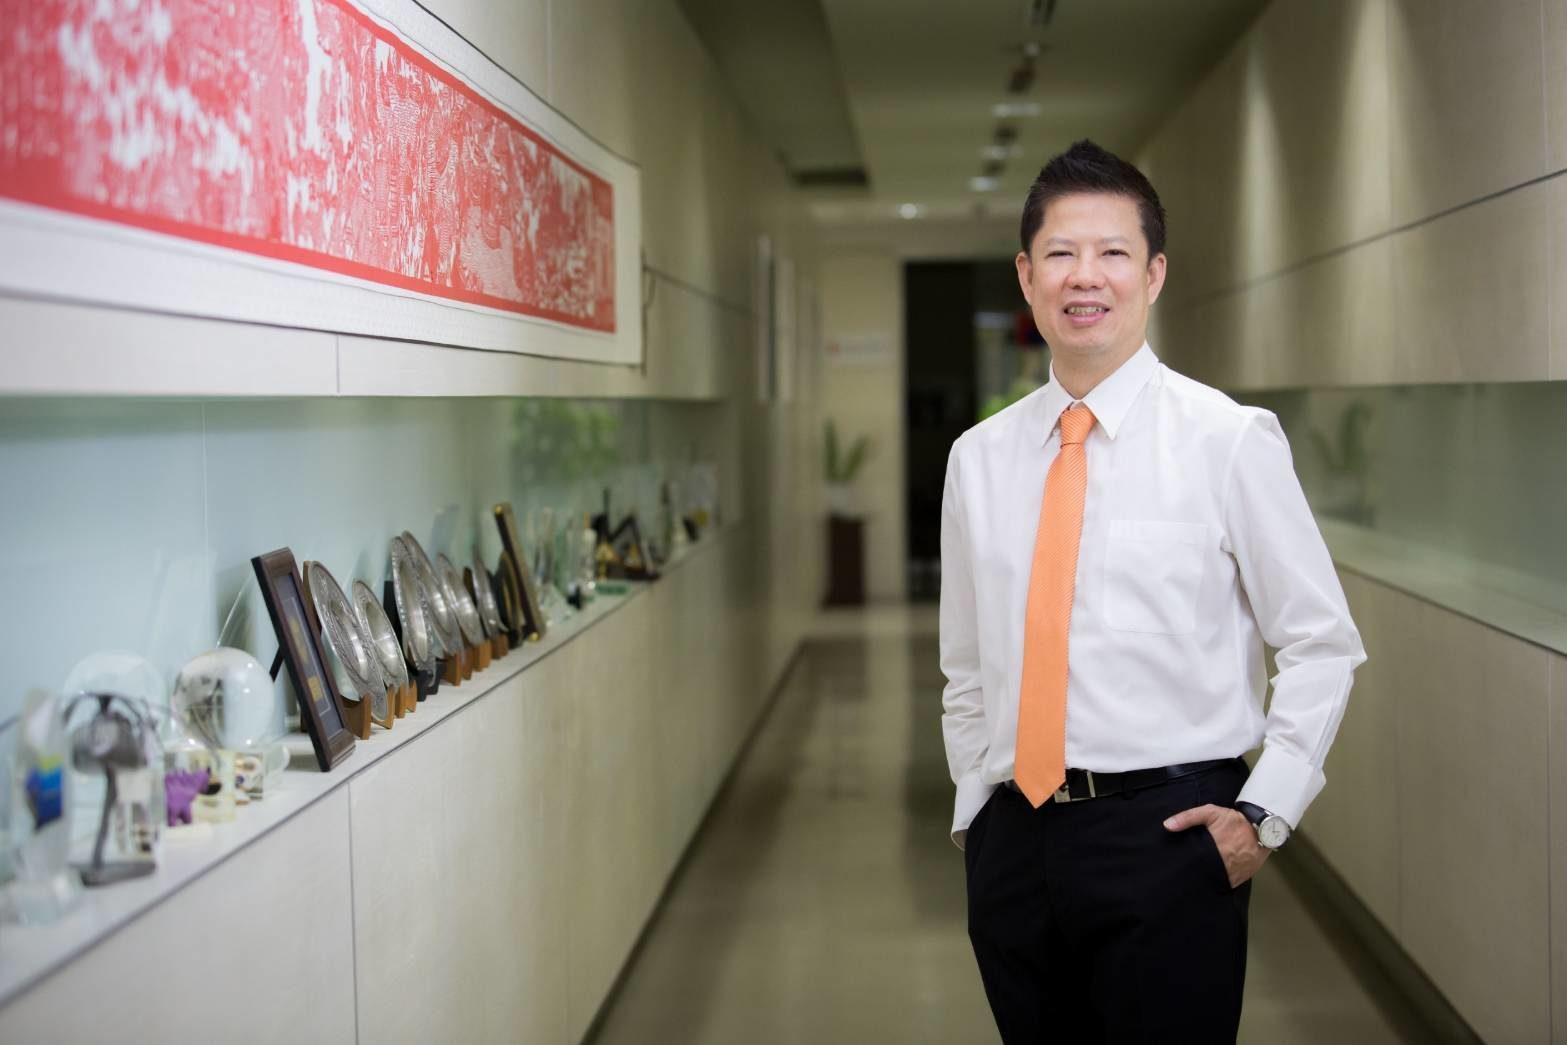 กรมเชื้อเพลิงฯขอธุรกิจปิโตรเลียมจ้างงานคนไทย-ใช้เครื่องจักรในประเทศ กระตุ้นศก.